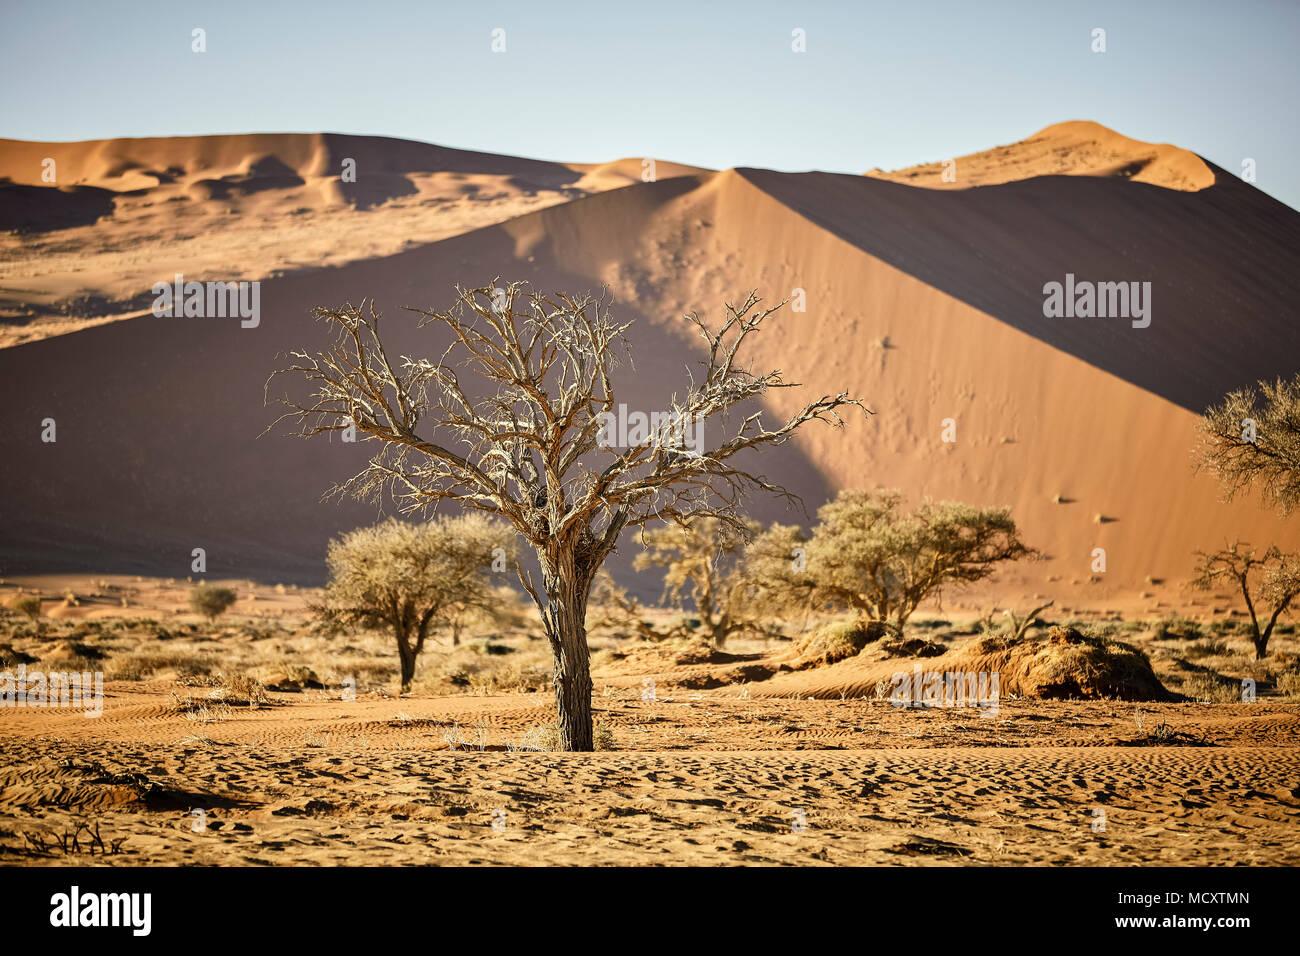 Muertos camelthorn tree (Vachellia erioloba) delante de las dunas de arena, Sossusvlei, el desierto de Namib, el Parque Nacional Namib-Naukluft Foto de stock